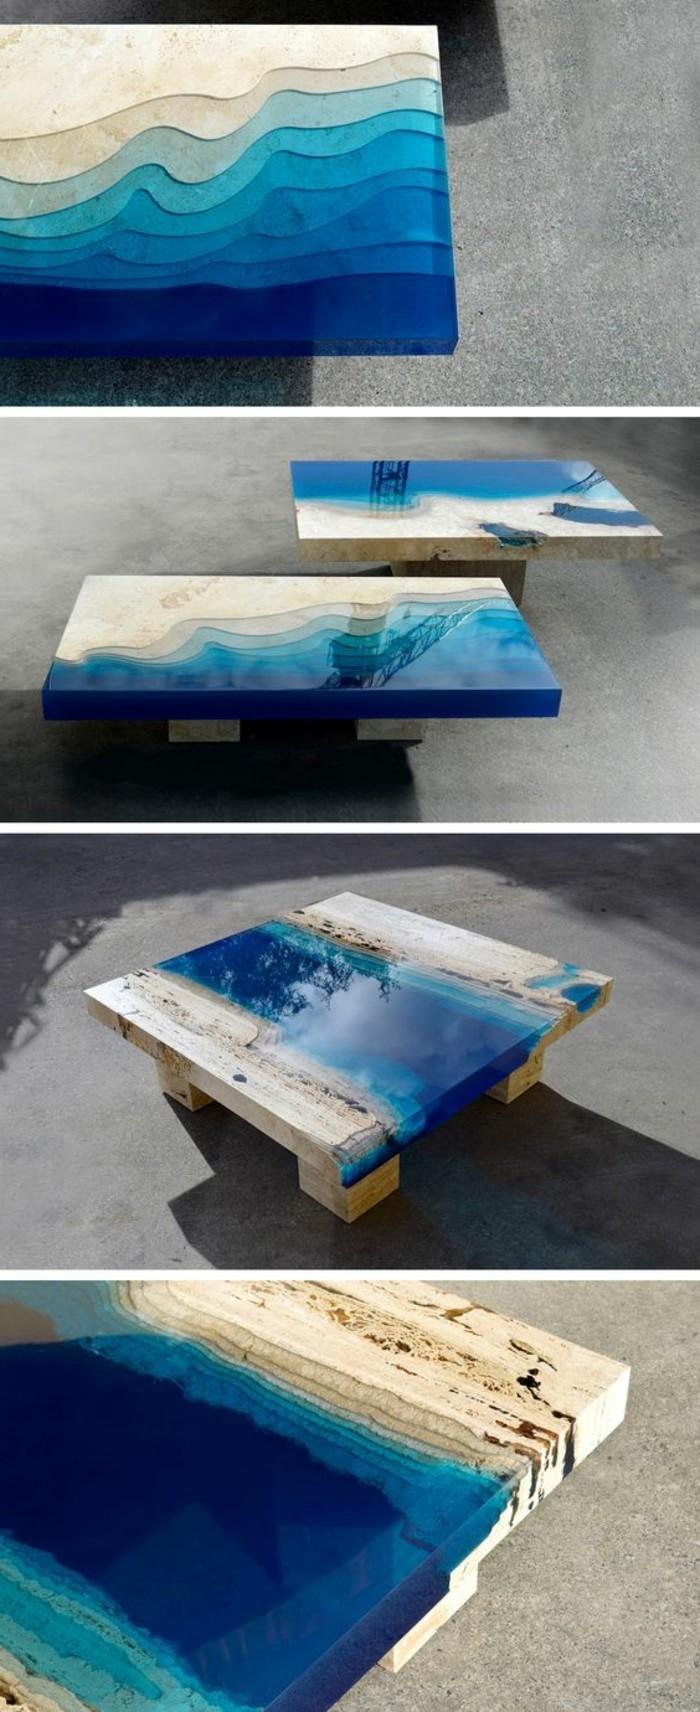 couchtisch-massivholz-gefaerbtes-glas-blaues-glas-kurze-beine-wasserfall-effekt